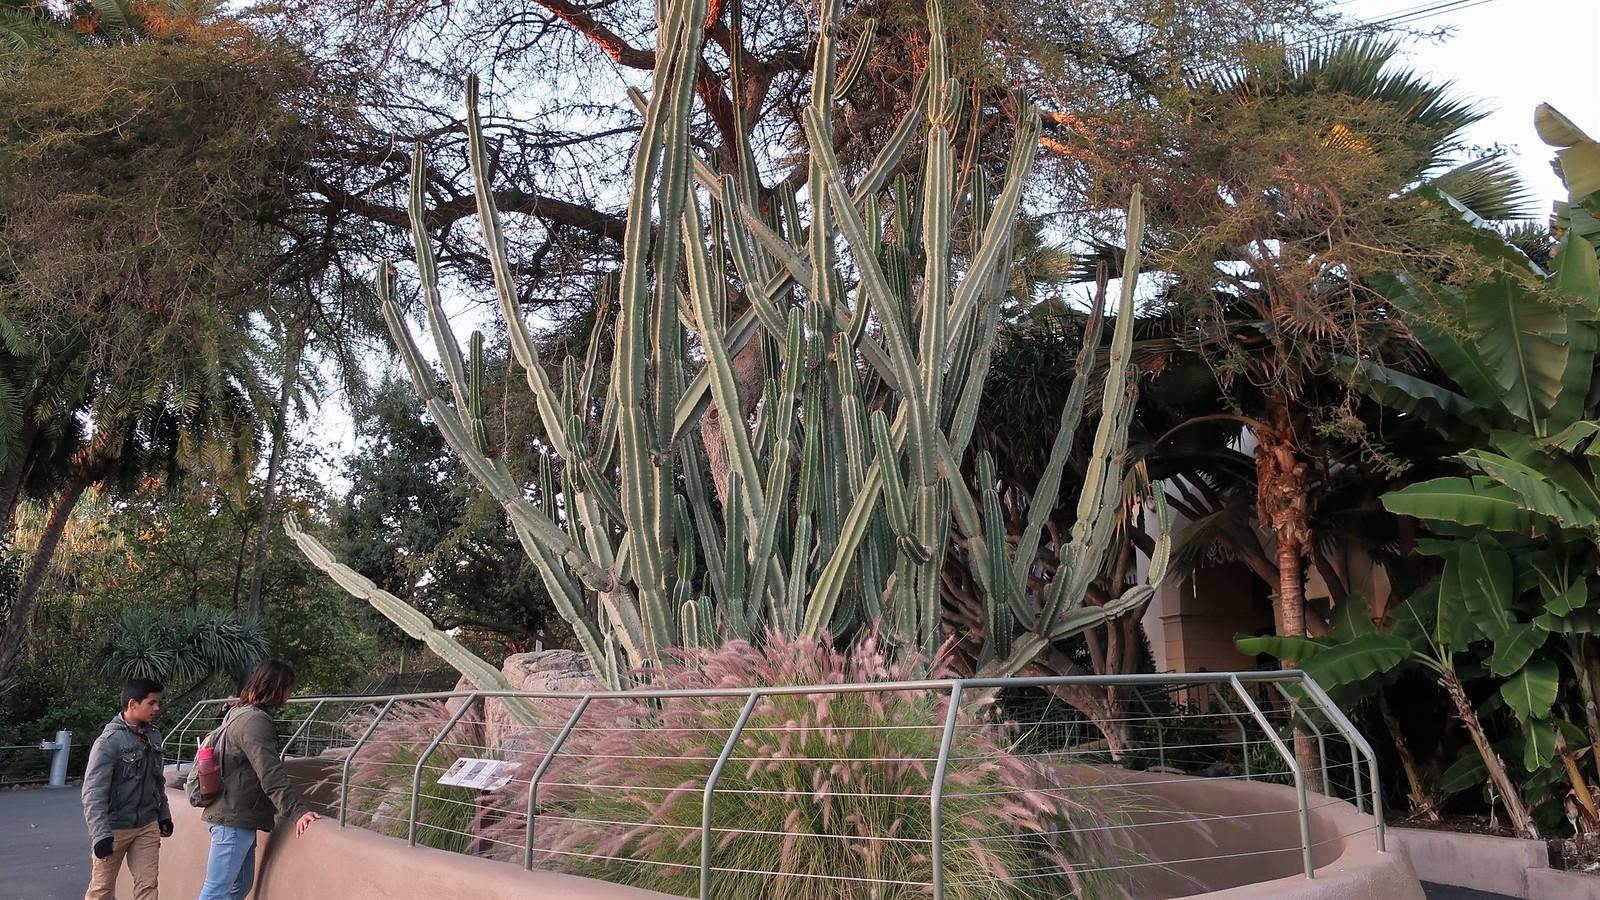 Cereus repandus, antes llamado Cereus peruvianus